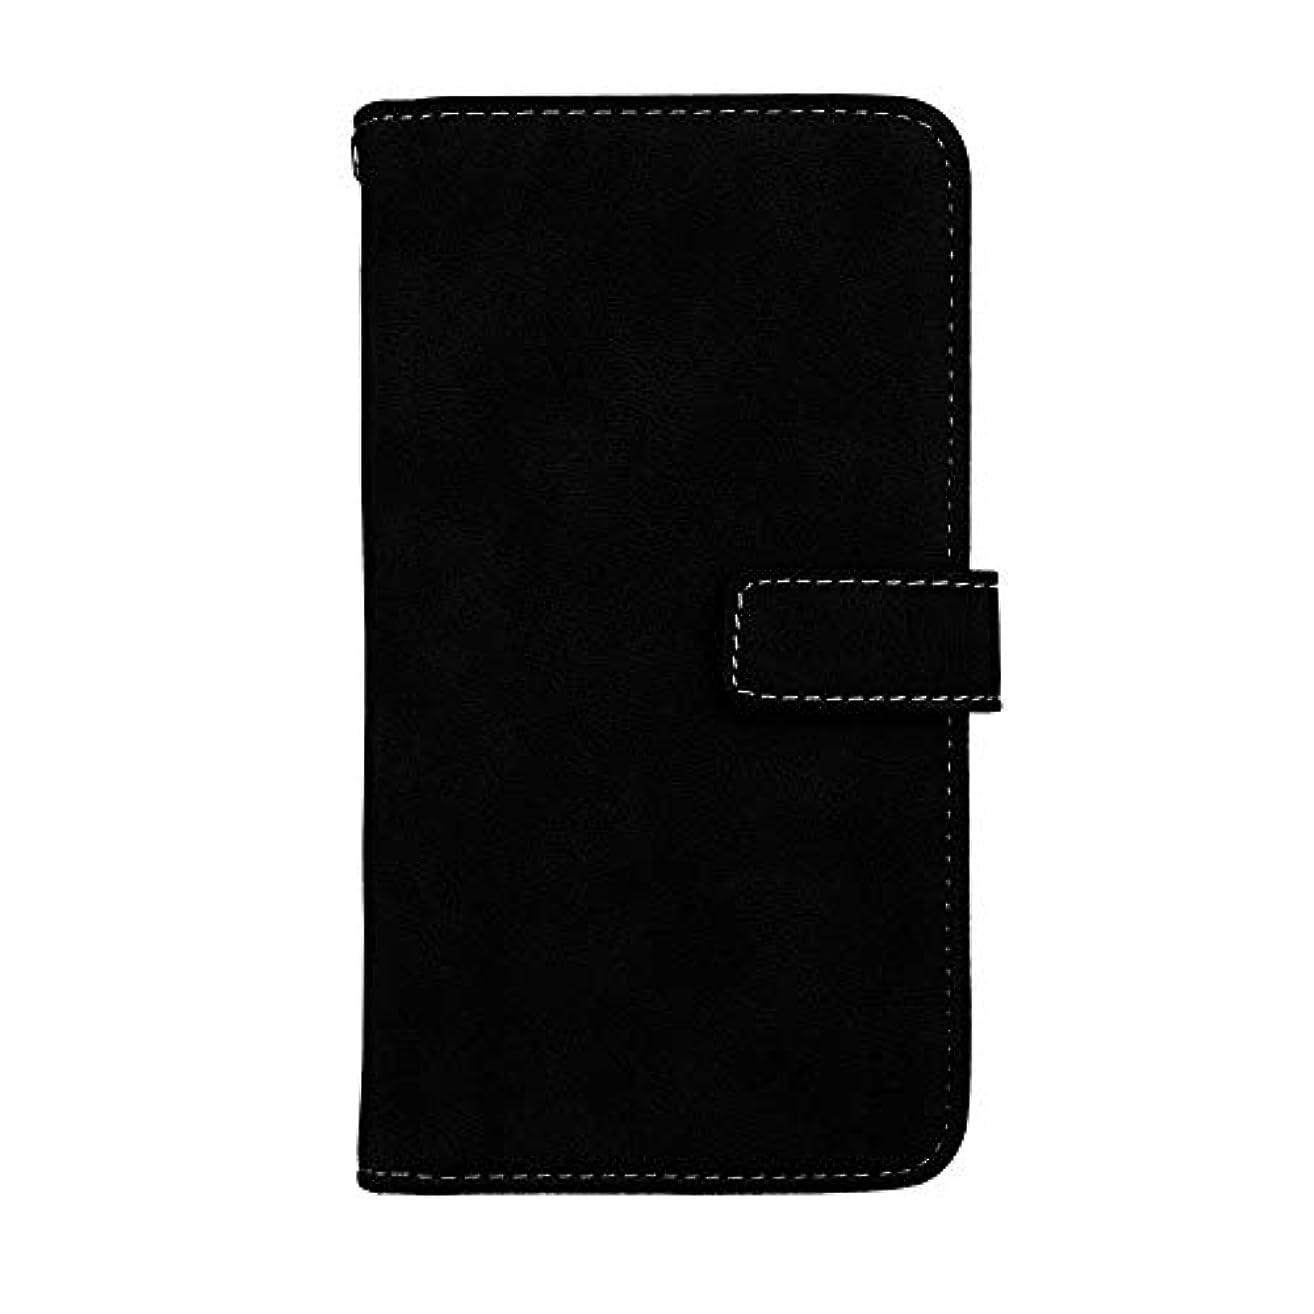 上記の頭と肩トランザクション練習したXiaomi Redmi Note 4X 高品質 マグネット ケース, CUNUS 携帯電話 ケース 軽量 柔軟 高品質 耐摩擦 カード収納 カバー Xiaomi Redmi Note 4X 用, ブラック